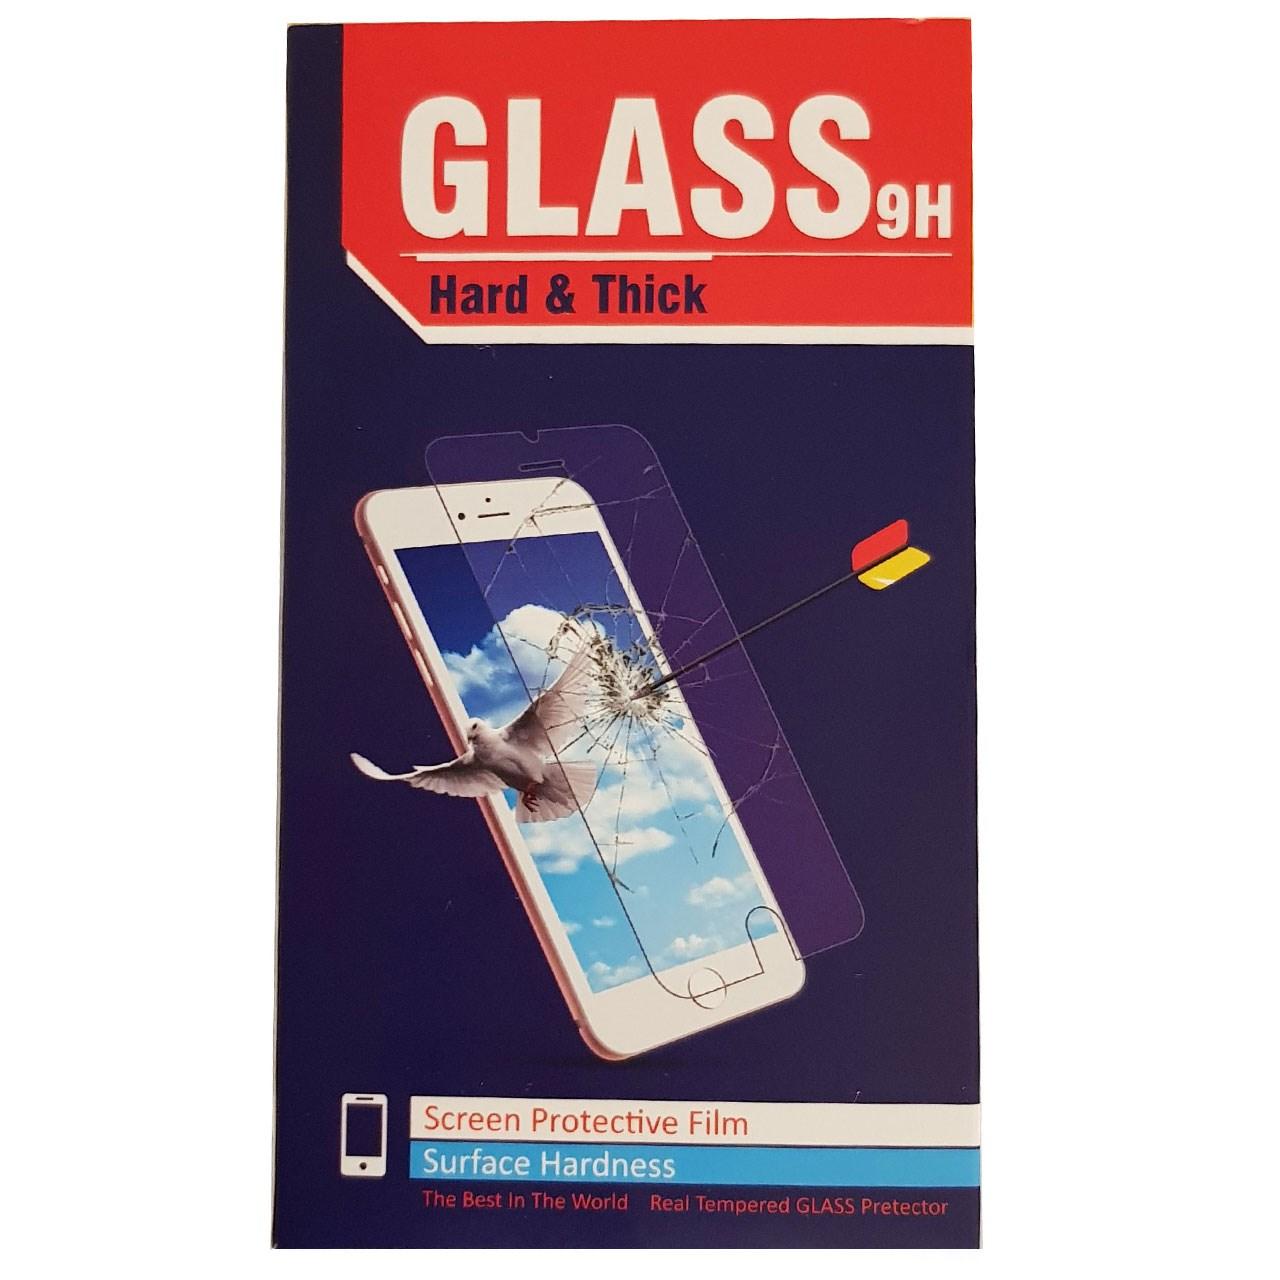 محافظ صفحه نمایش شیشه ای مدل Hard and thick مناسب برای گوشی موبایل شیائومی Redmi 4X